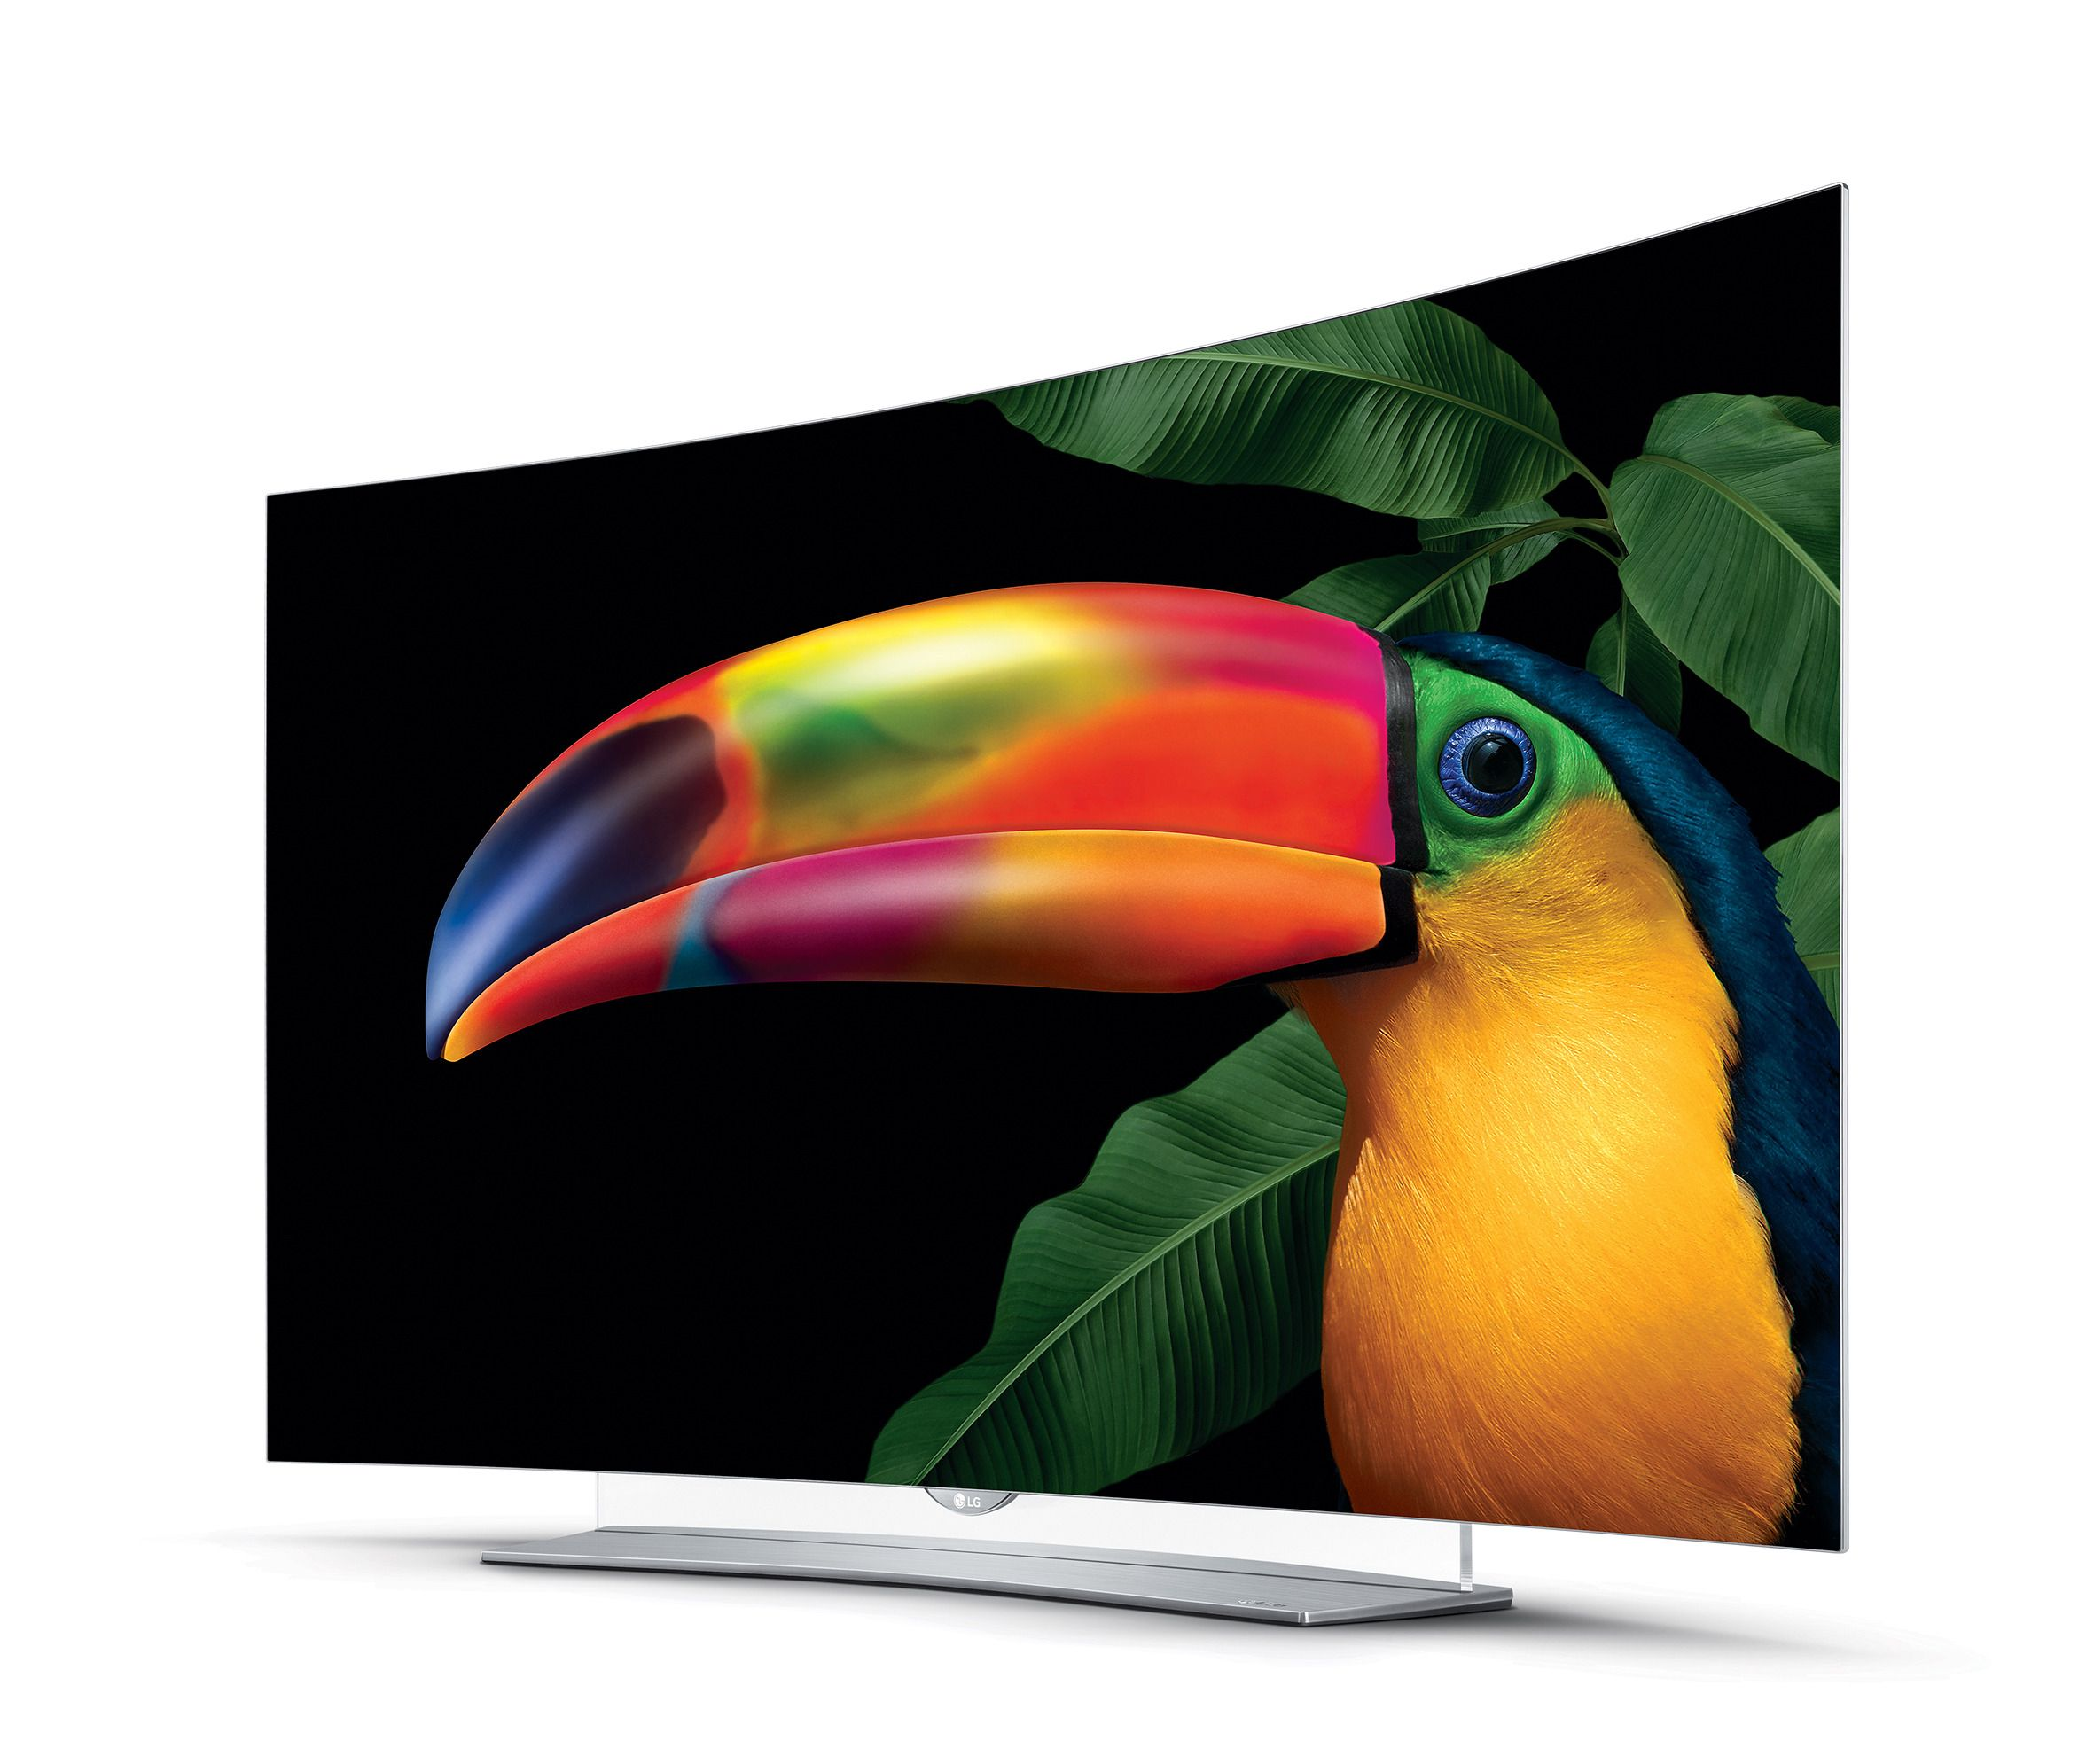 OLED: LG har omsider fått fart på OLED-produksjonen og kan vise til en uvanlig fargerik tv med et uslåelig sortnivå.